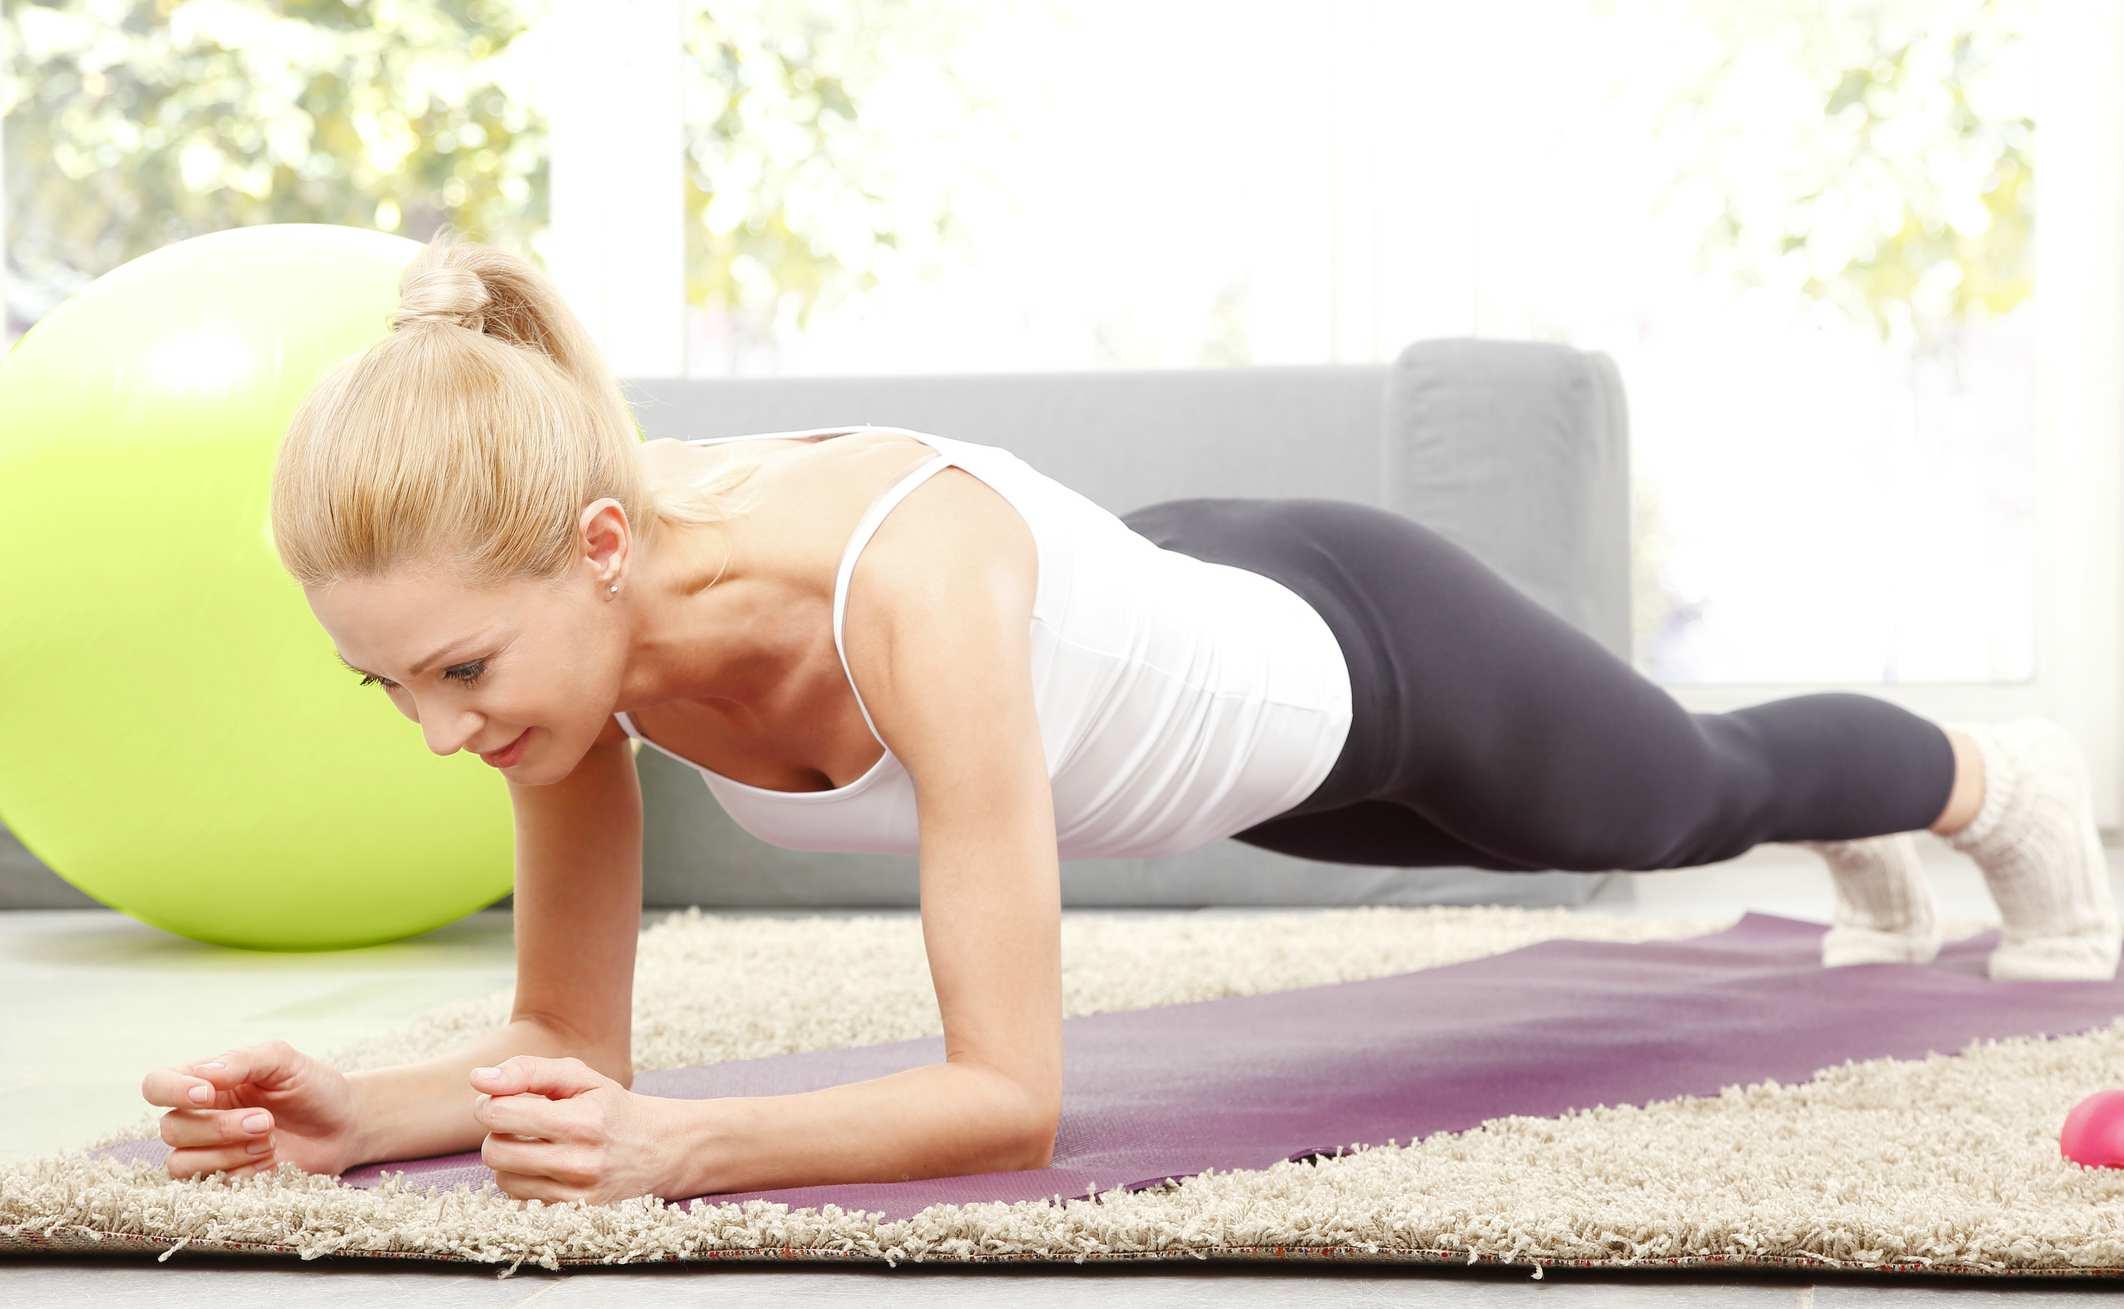 ciclo menstrual, circulación, ejercicios, dolores, malestar, consumir mucha fibra, frutas y verduras, bebidas calientes, dismenorrea, cólicos menstruales